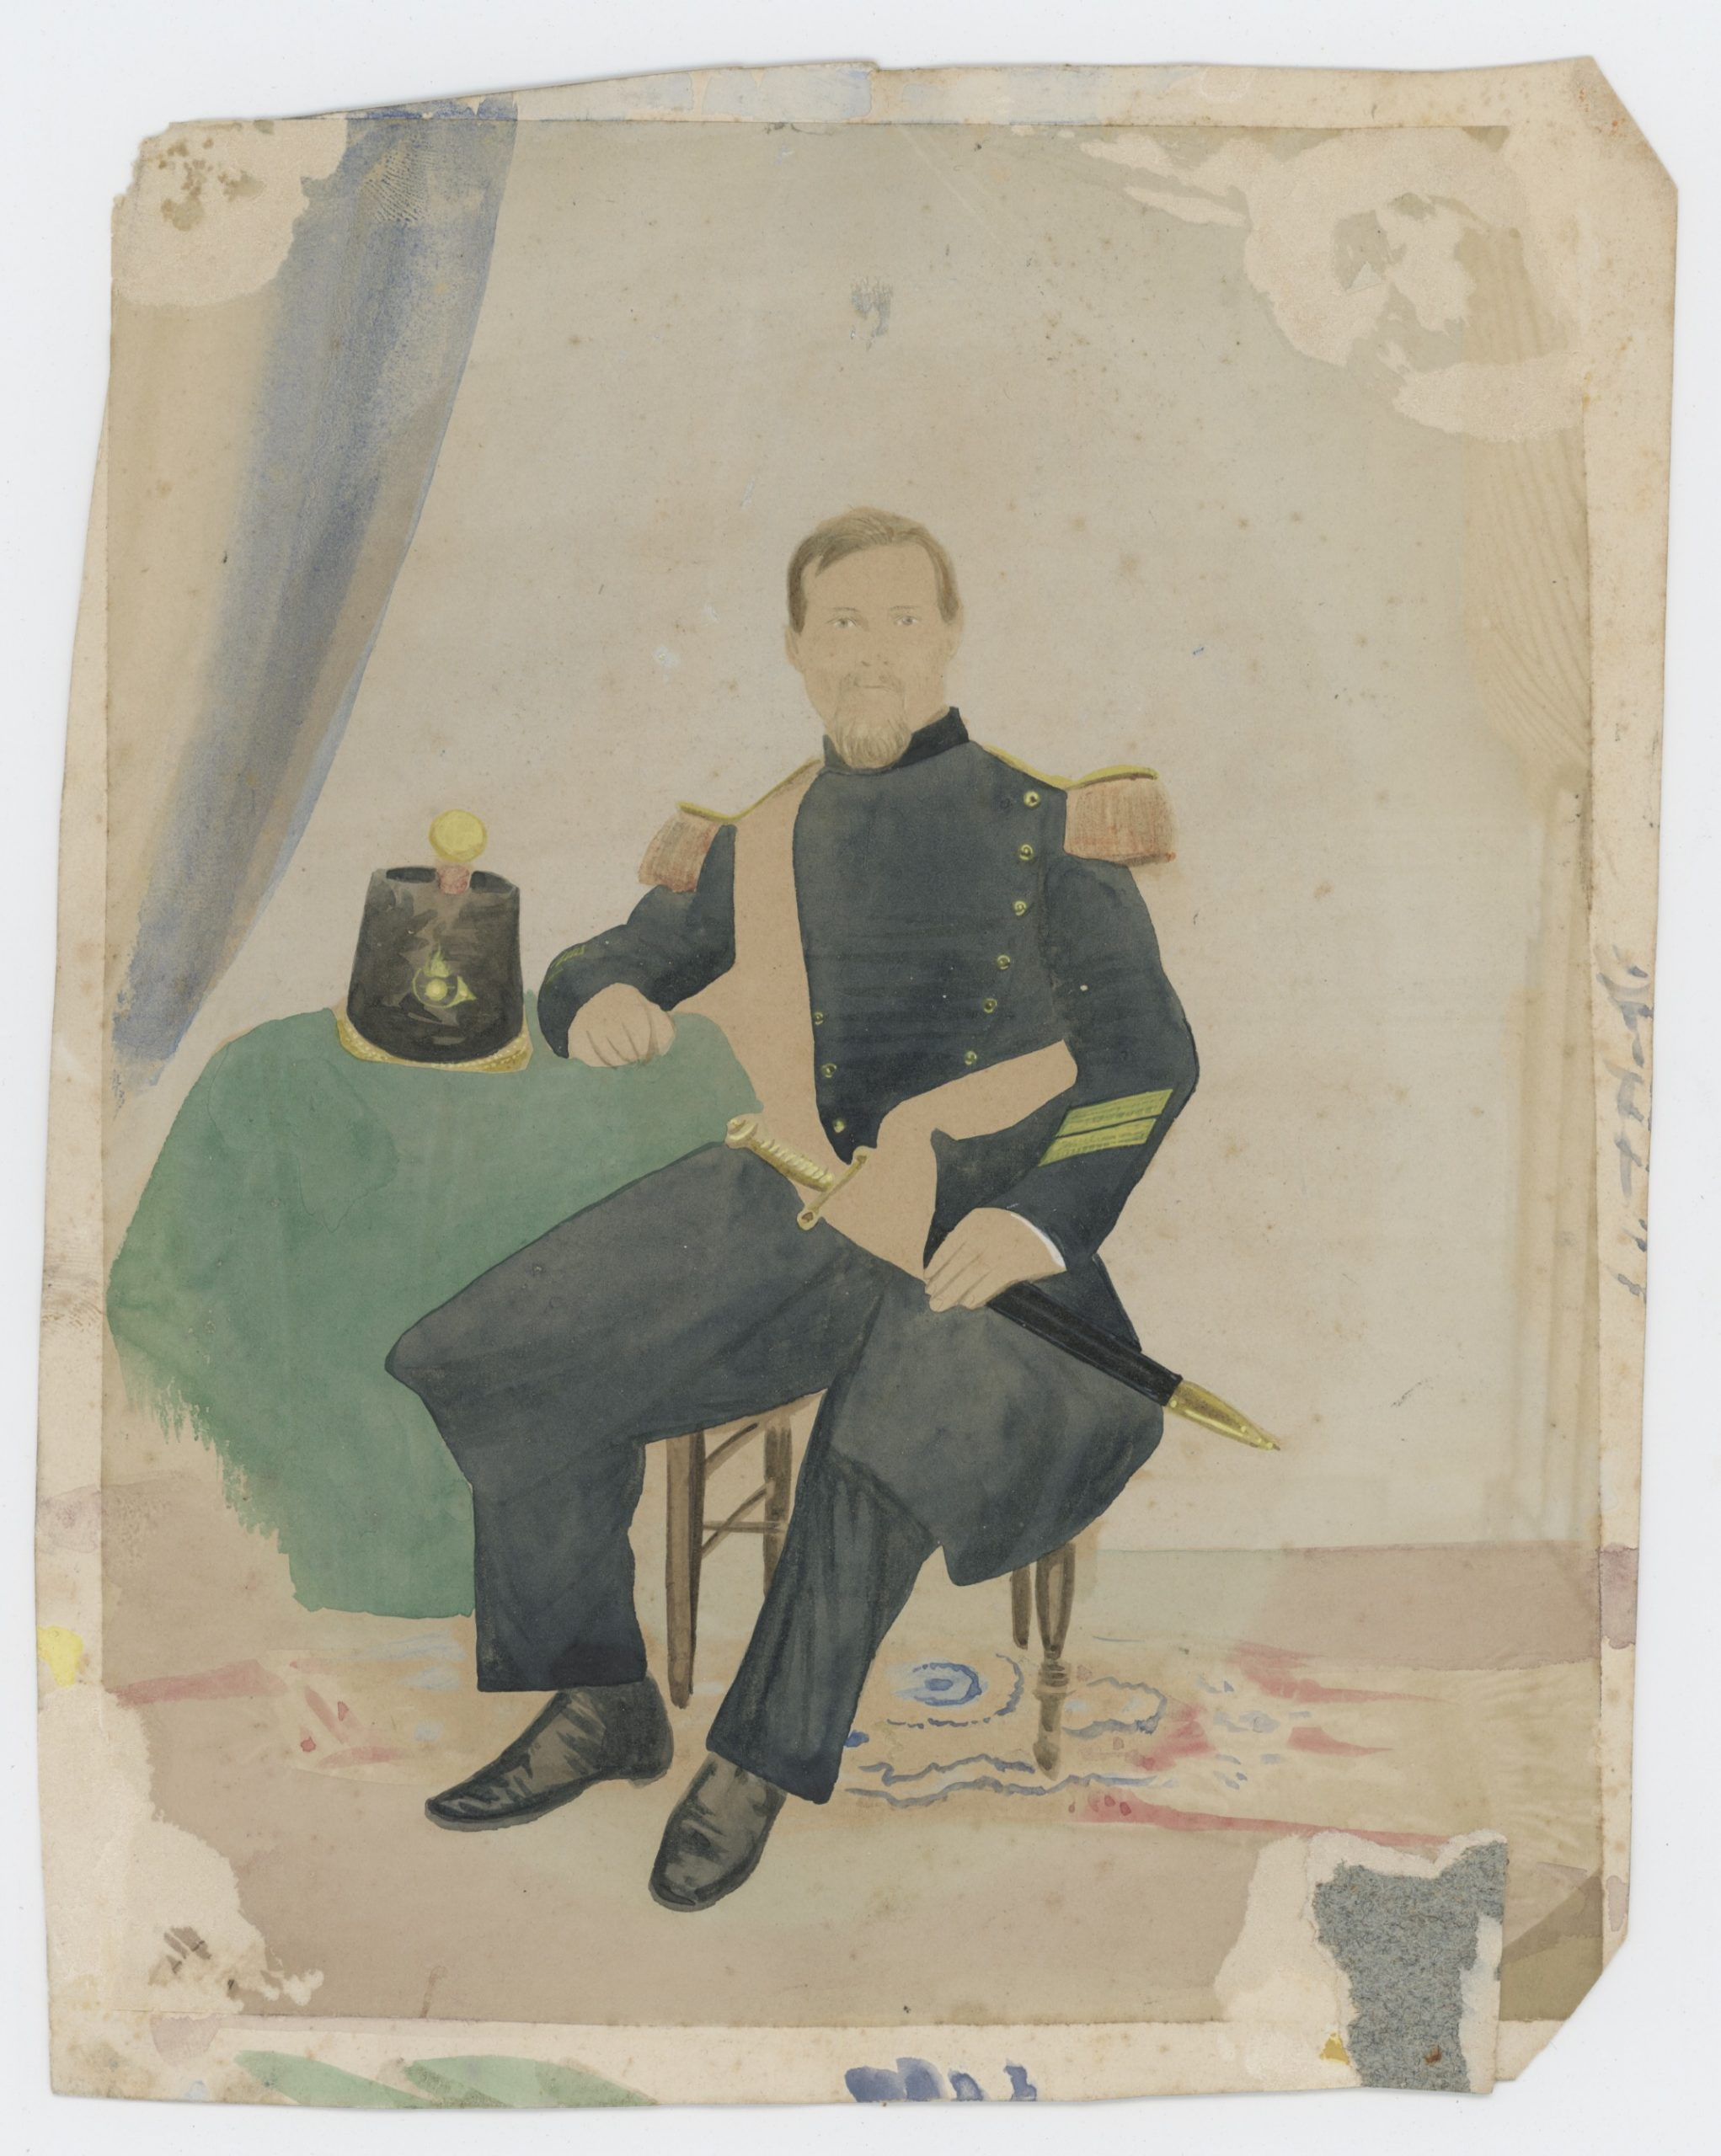 Ancienne Photographie - Voltigeur Garde Impériale 1850/1860 - Second Empire - Papier Albuminé - Rehaussé - Napoléon III